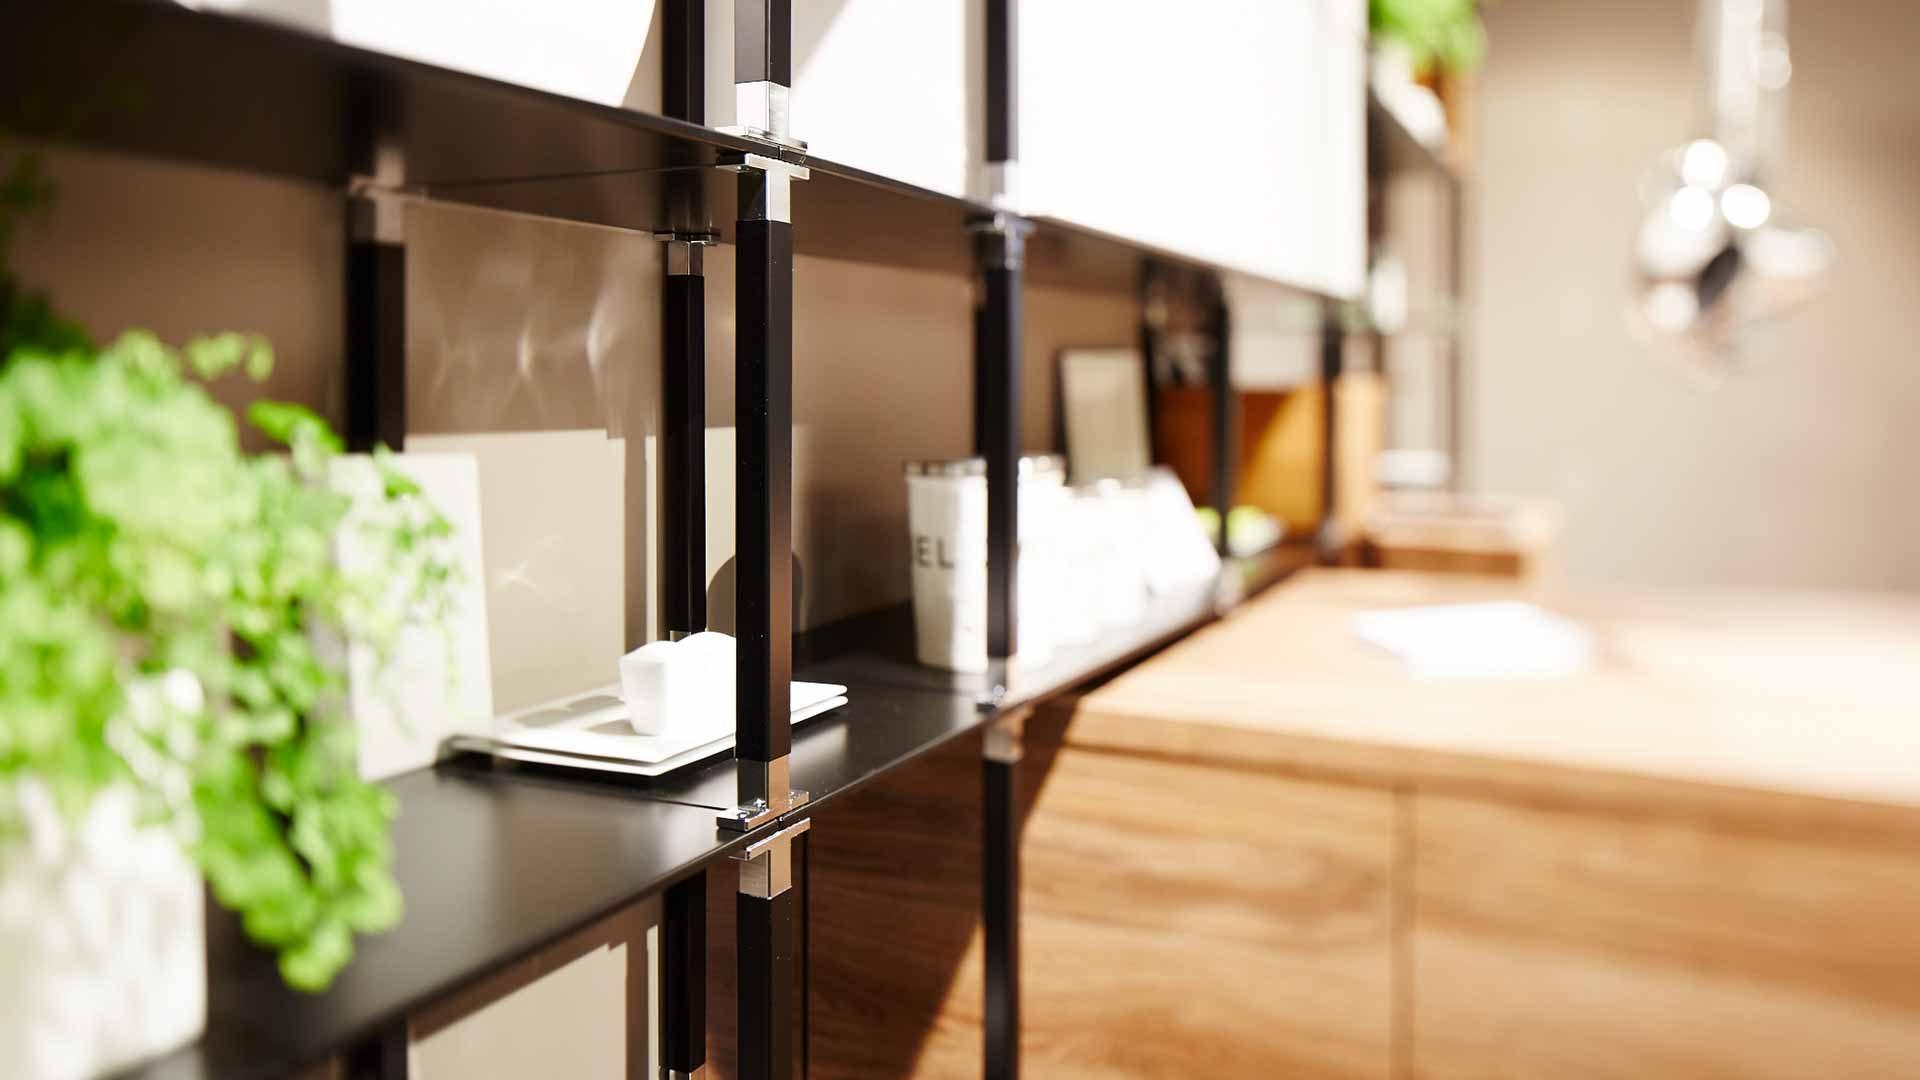 Ansprechend Möbelgeschäfte Dresden Dekoration Von Kategorien